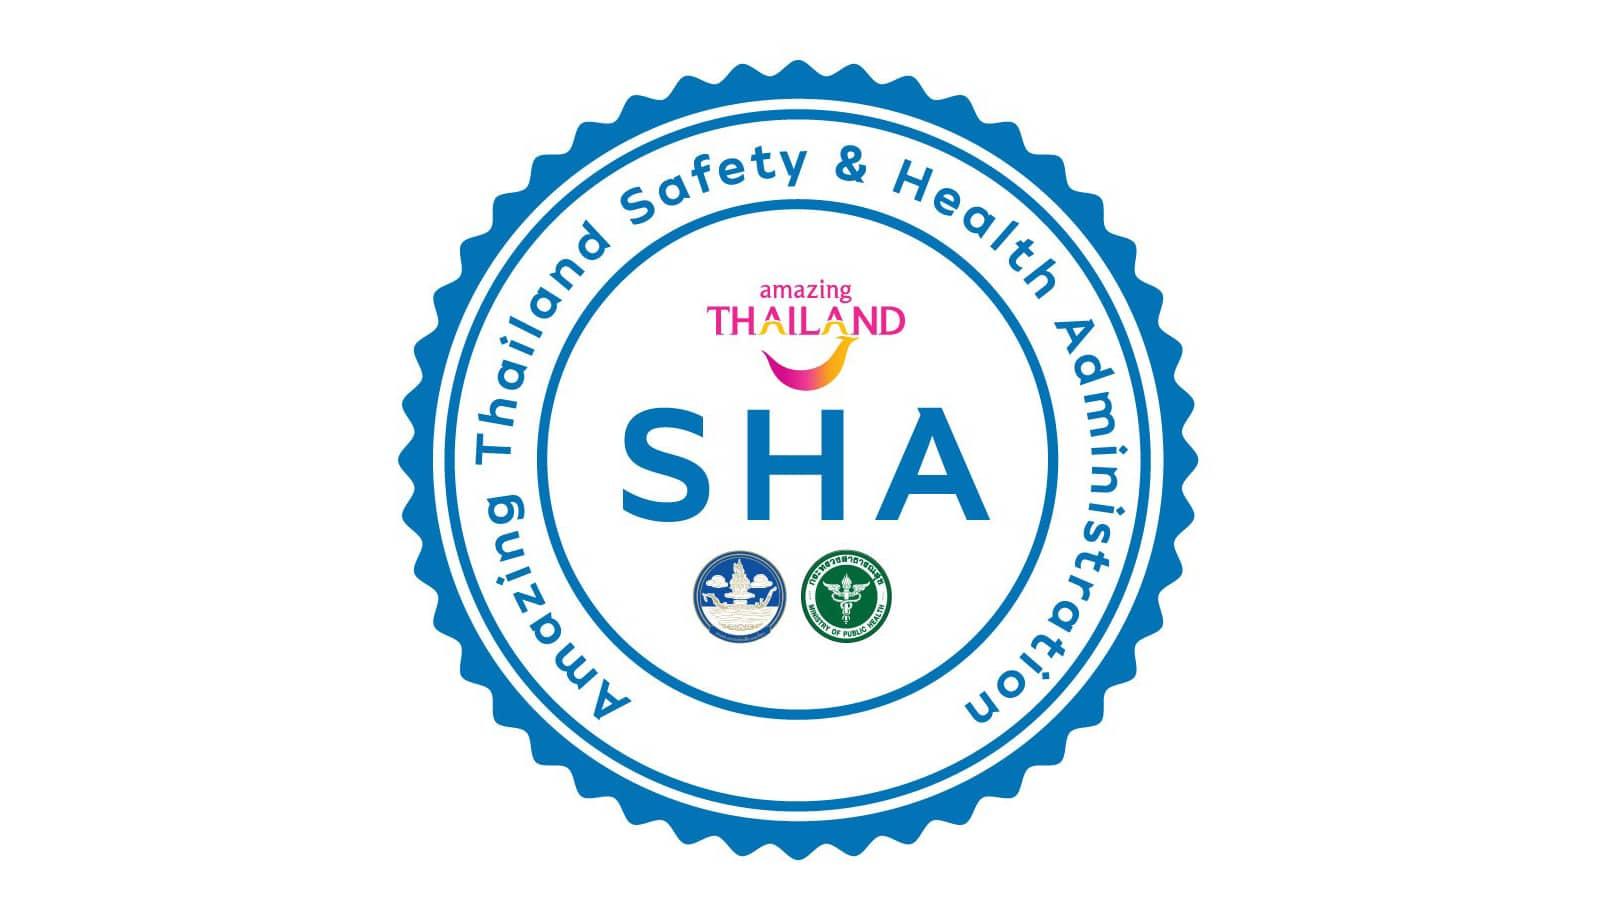 sha-certificate-asian-trails-ltd